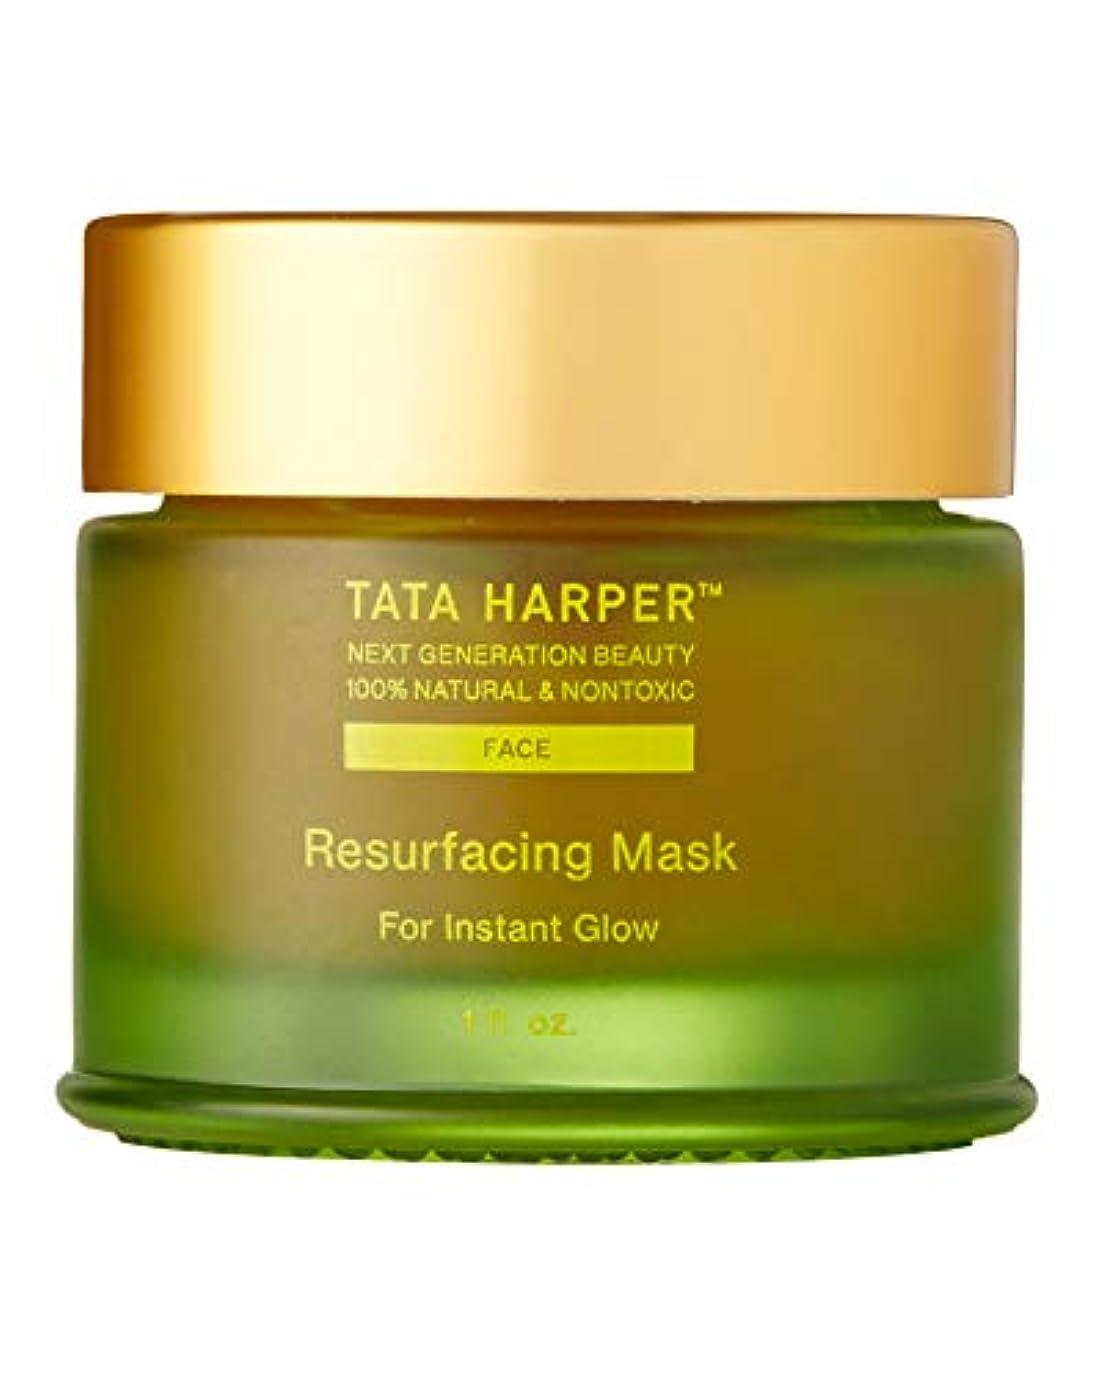 通り抜ける他のバンドでのれんTata Harper Resurfacing Mask 30ml タタハーパー リサーフェシング マスク